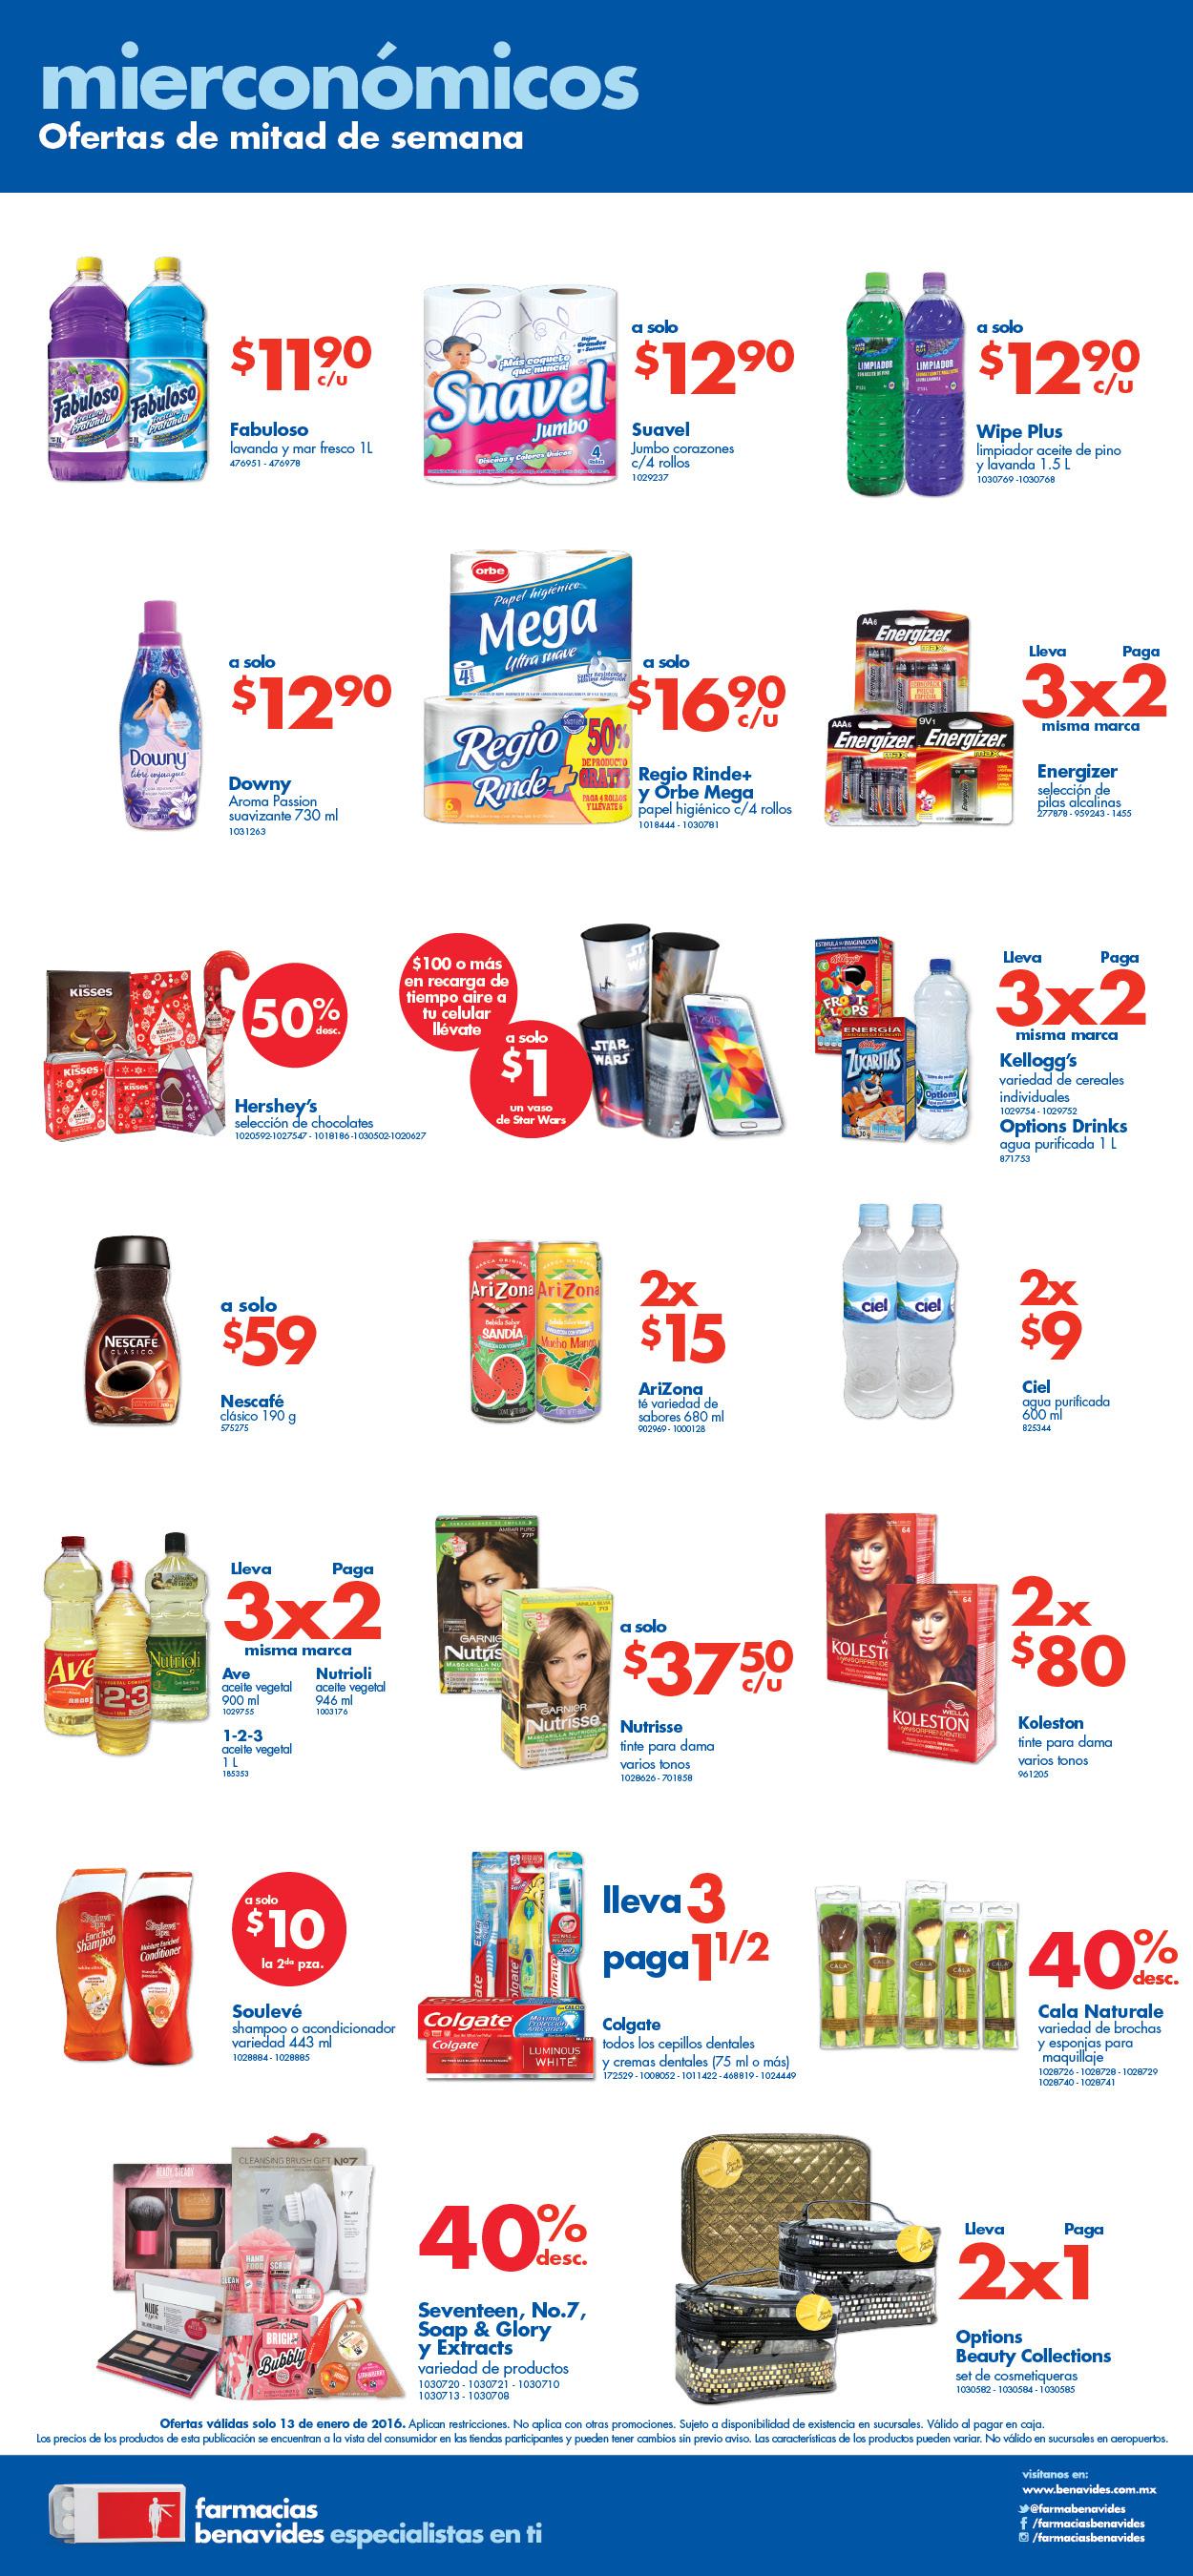 Mierconómicos Farmacias Benavides 13 de Enero; 3x2 en pilas Energizer y más